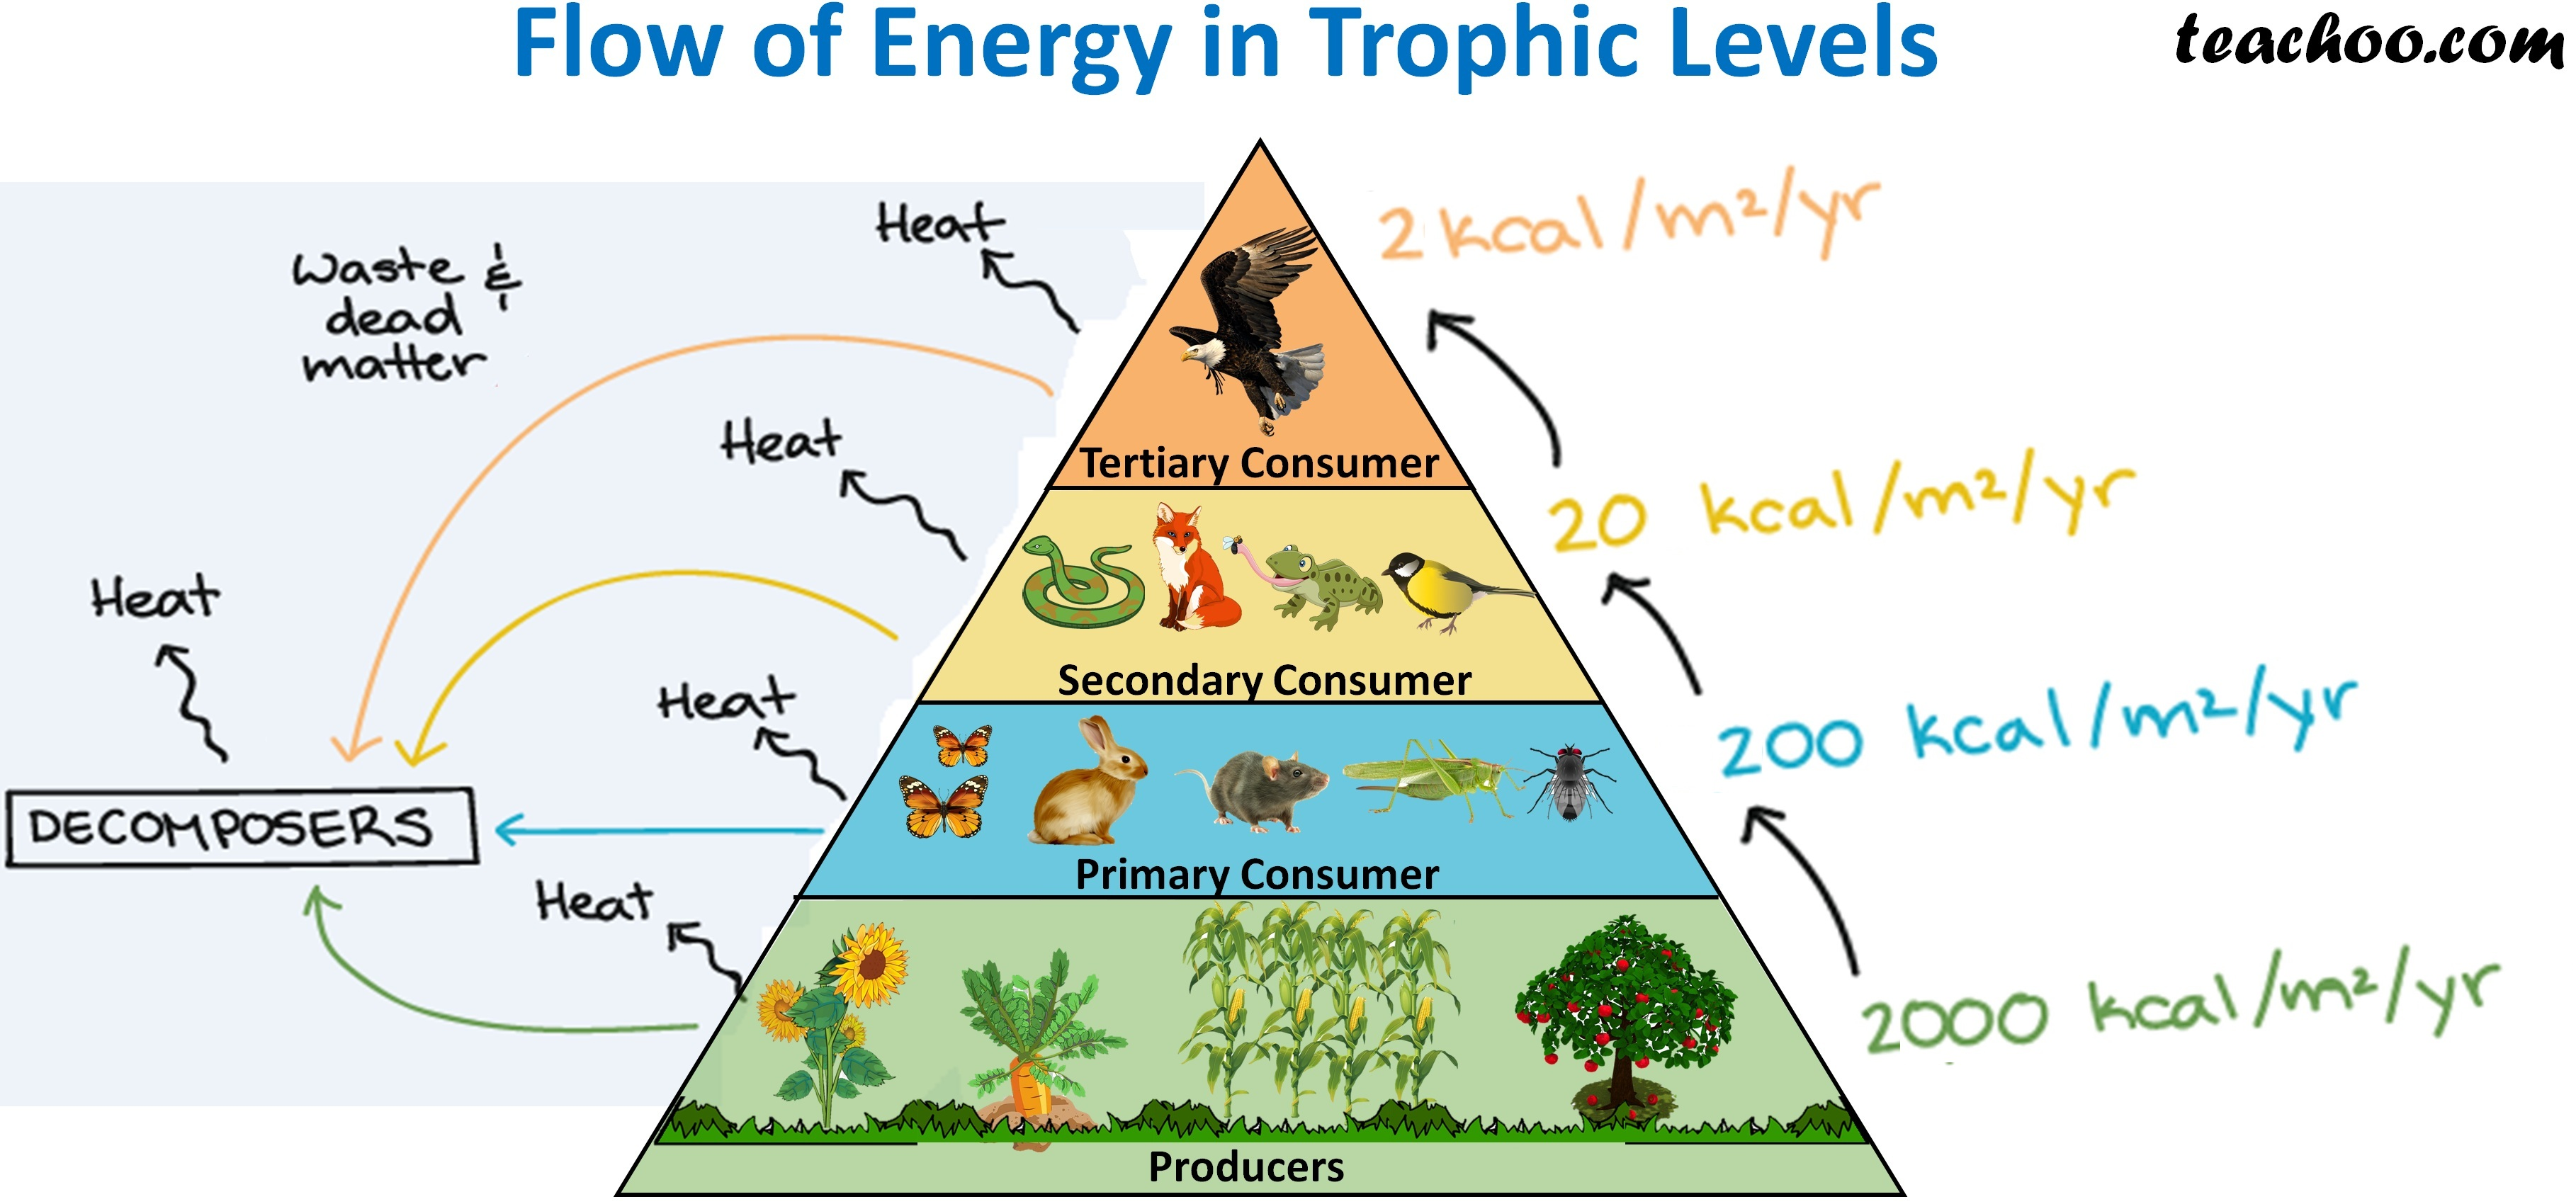 Flow of Energy in Trophic Levels - Teachoo.jpg